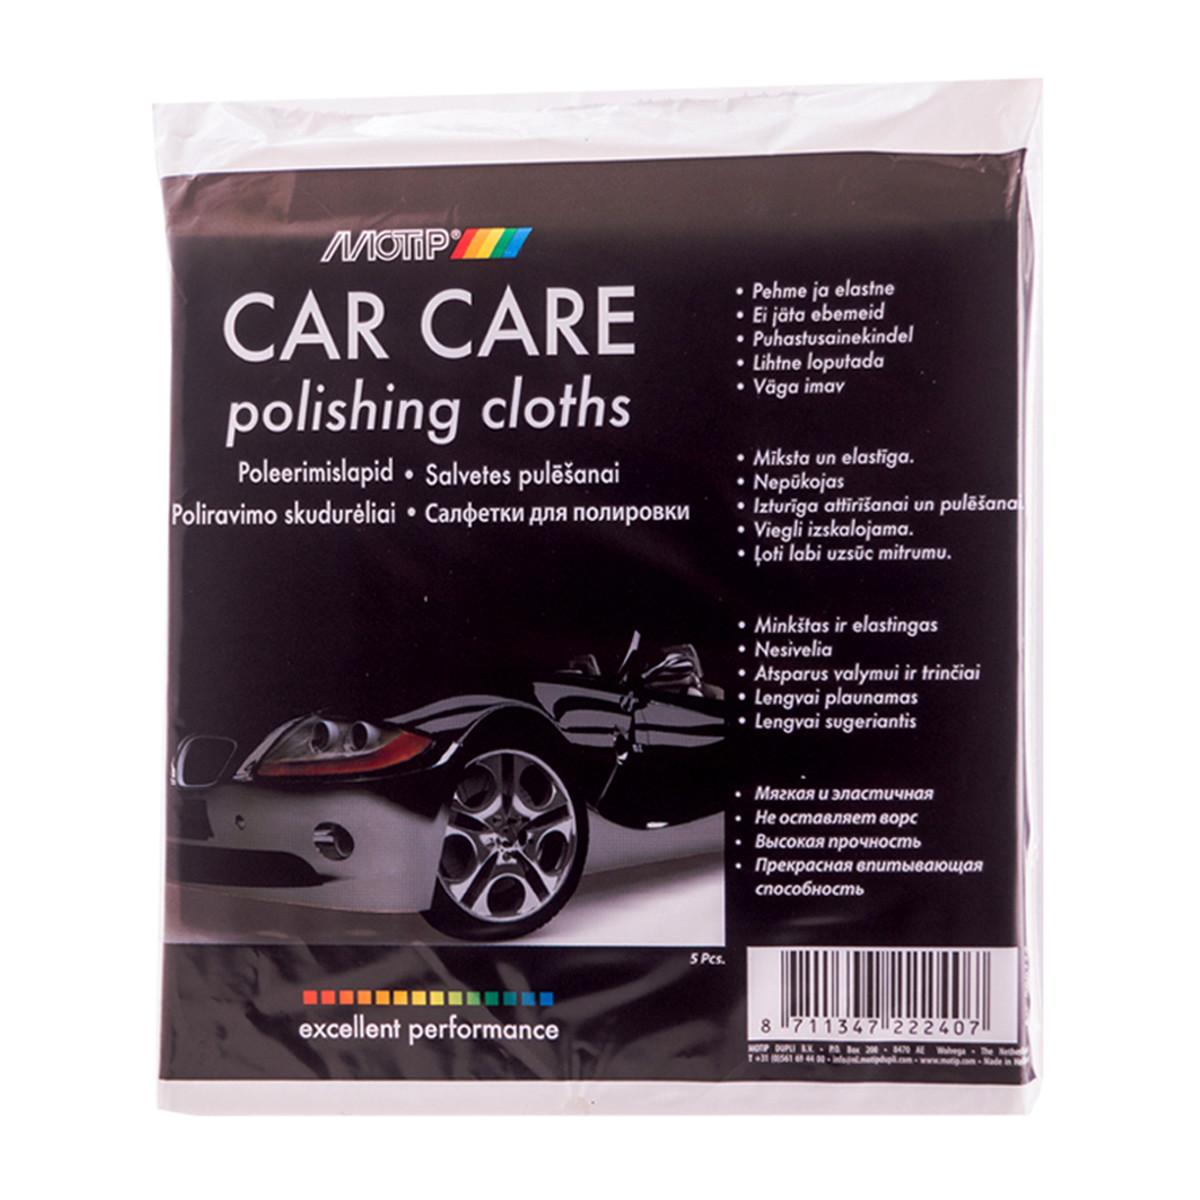 Салфетки для полировки Motip Black Line Polishing Cloth 37 х 39 см комплект 5 шт (000777)